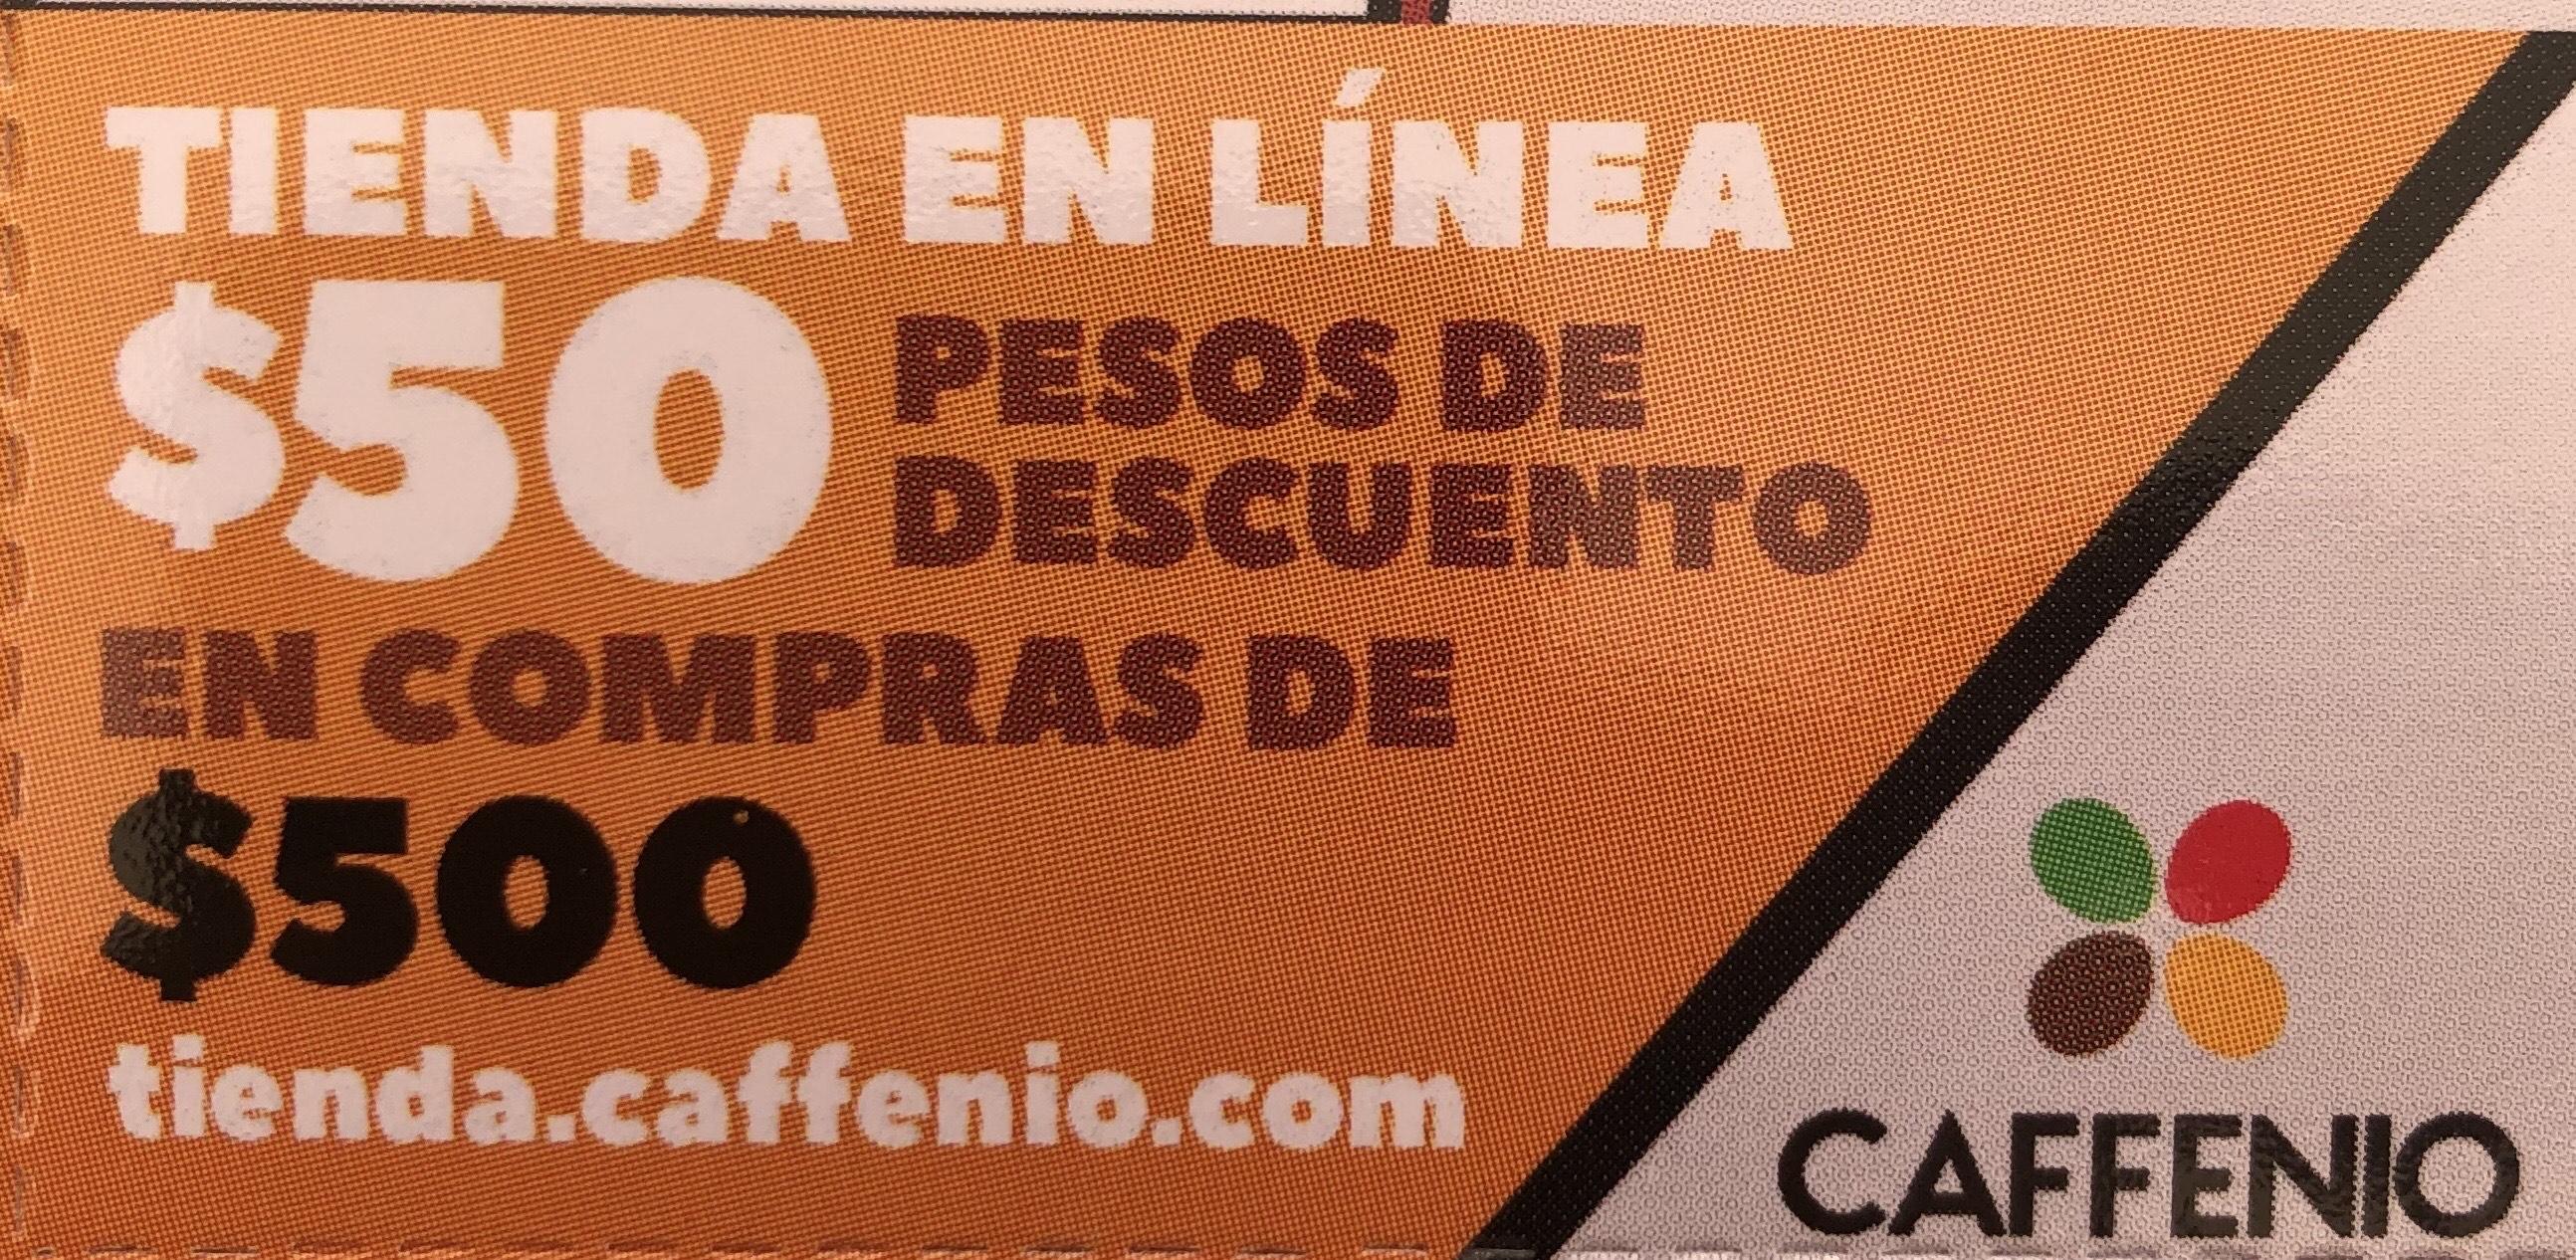 Caffenio: $50 descuento en compra de $500